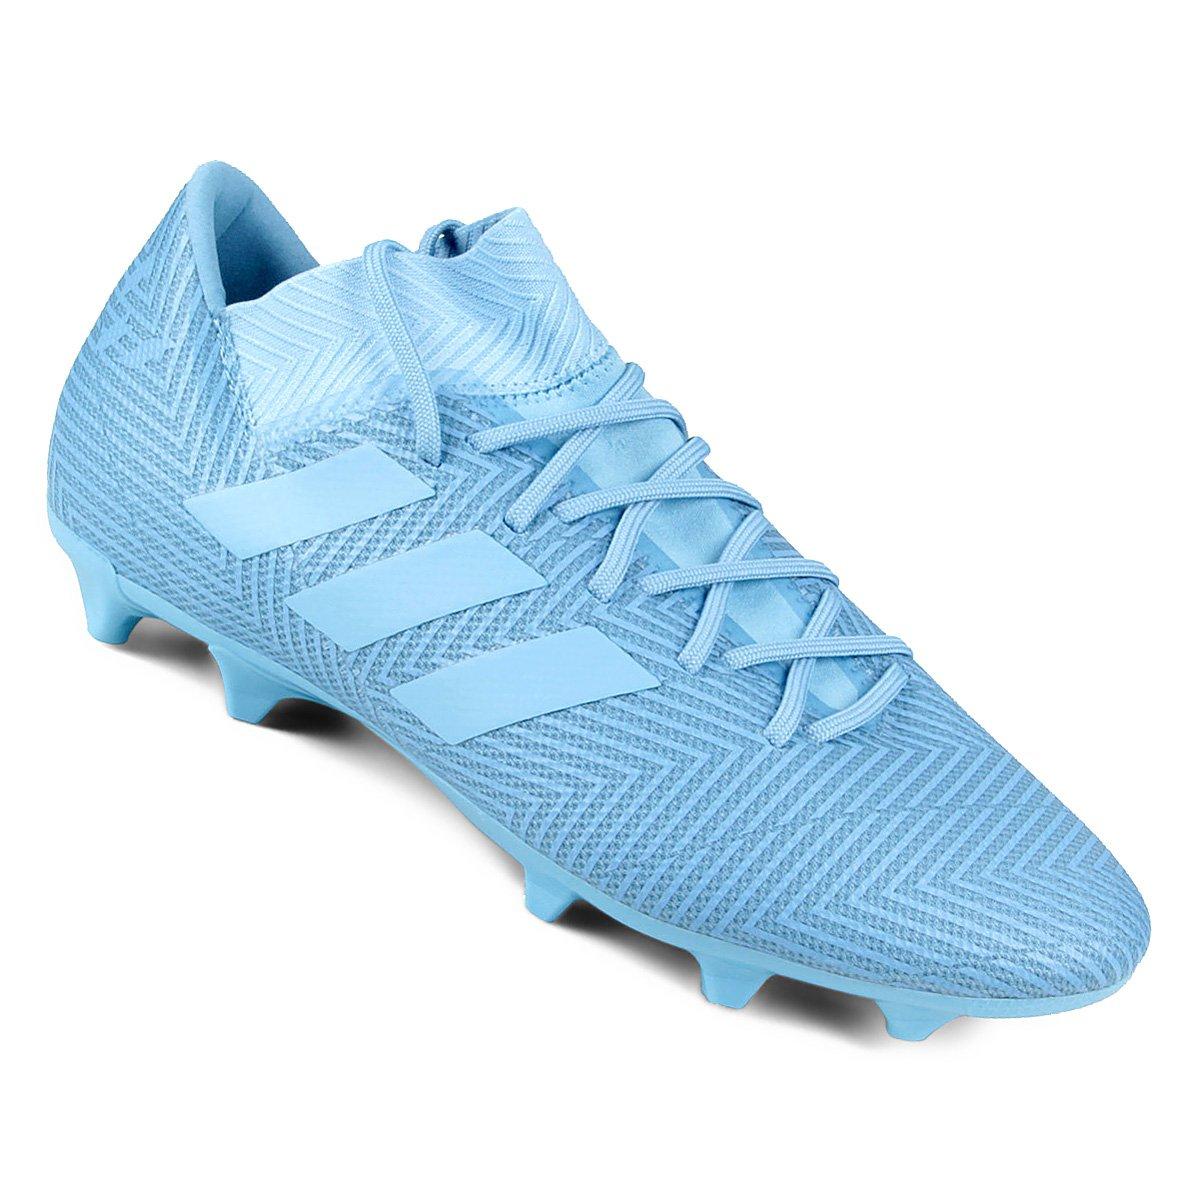 7154a448a7 Chuteira Campo Adidas Nemeziz Messi 18 3 FG